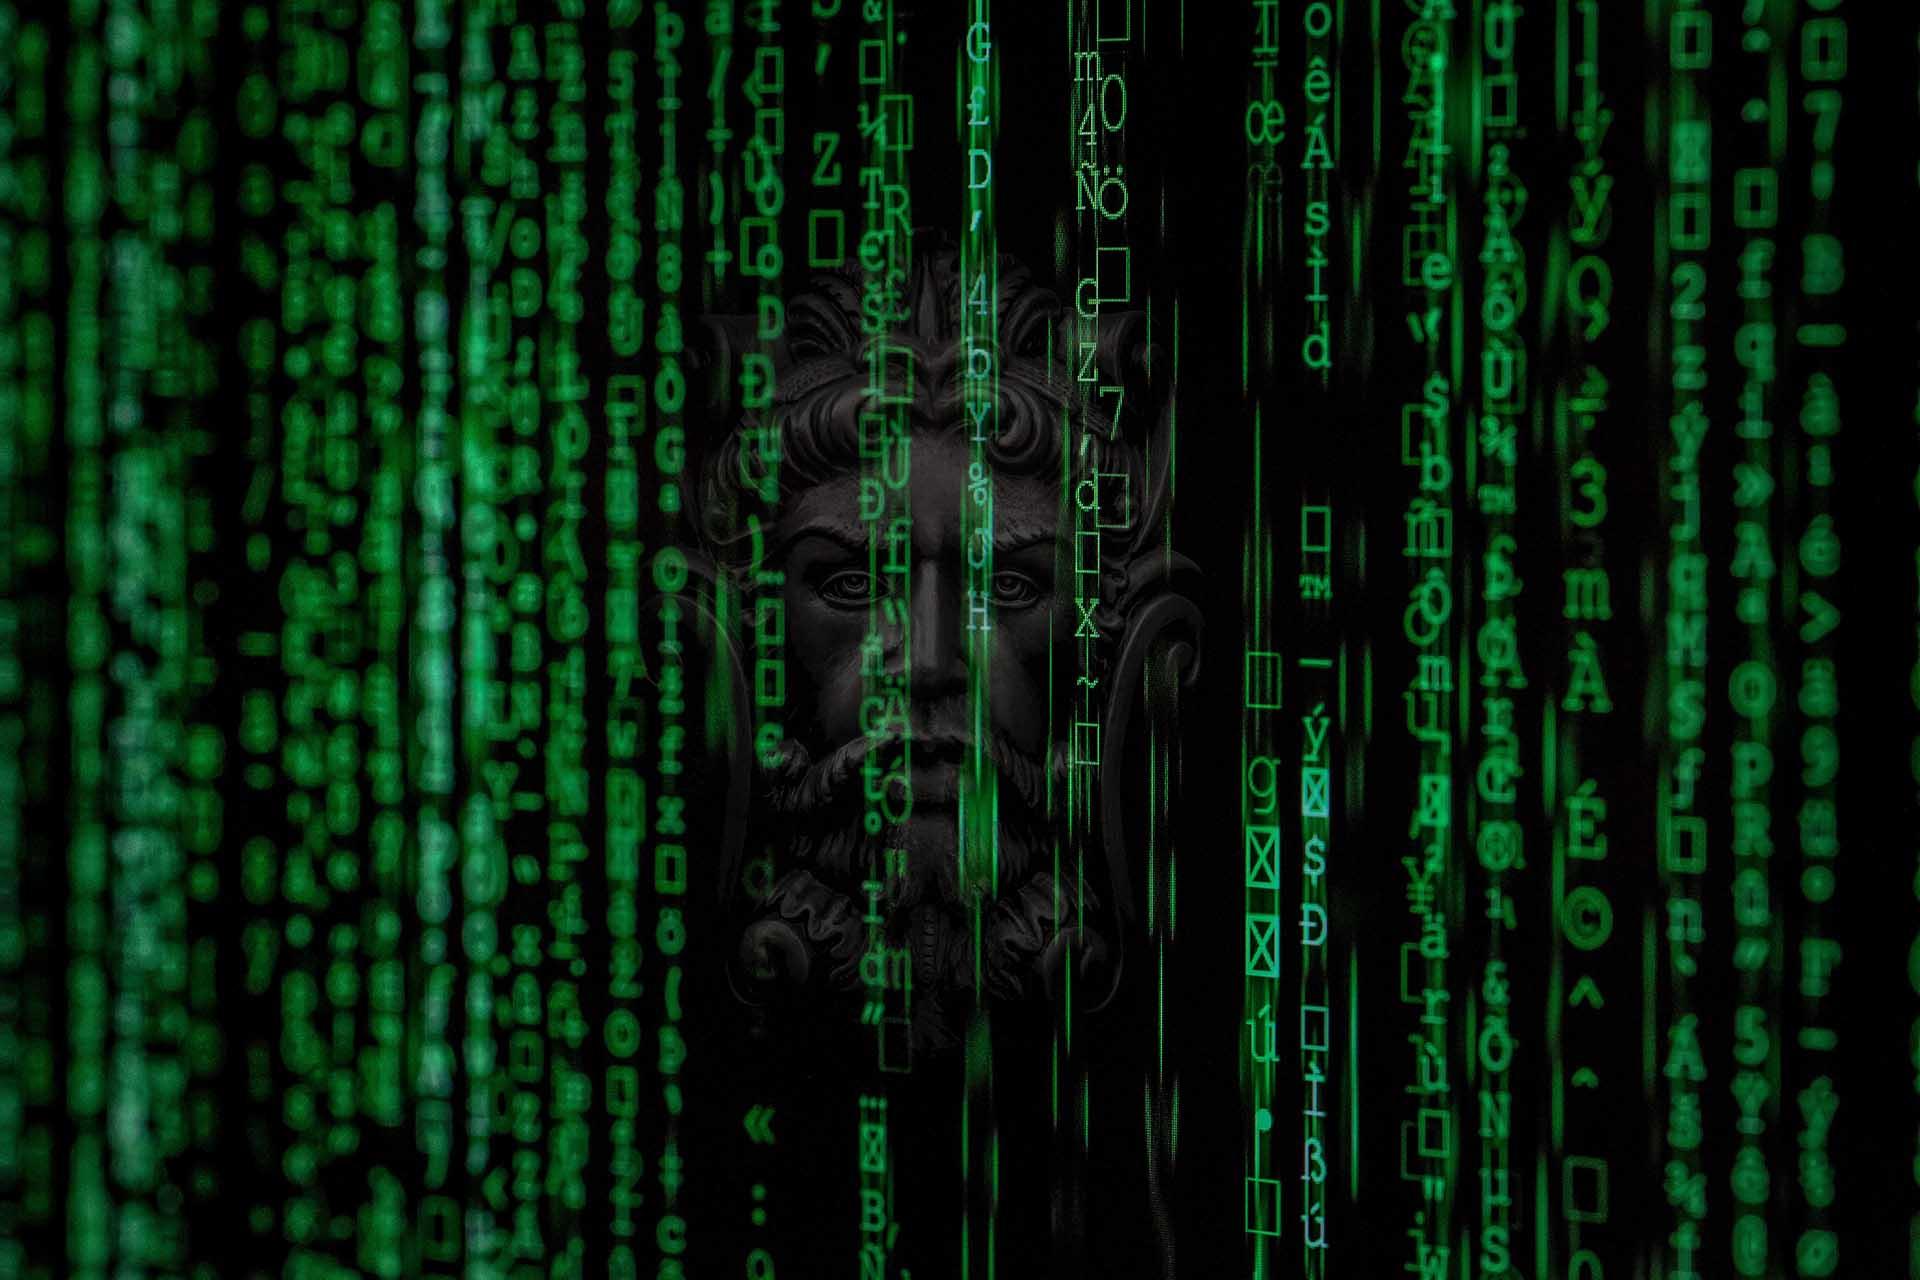 t2informatik Blog: Braucht es ein digitales Mindset?